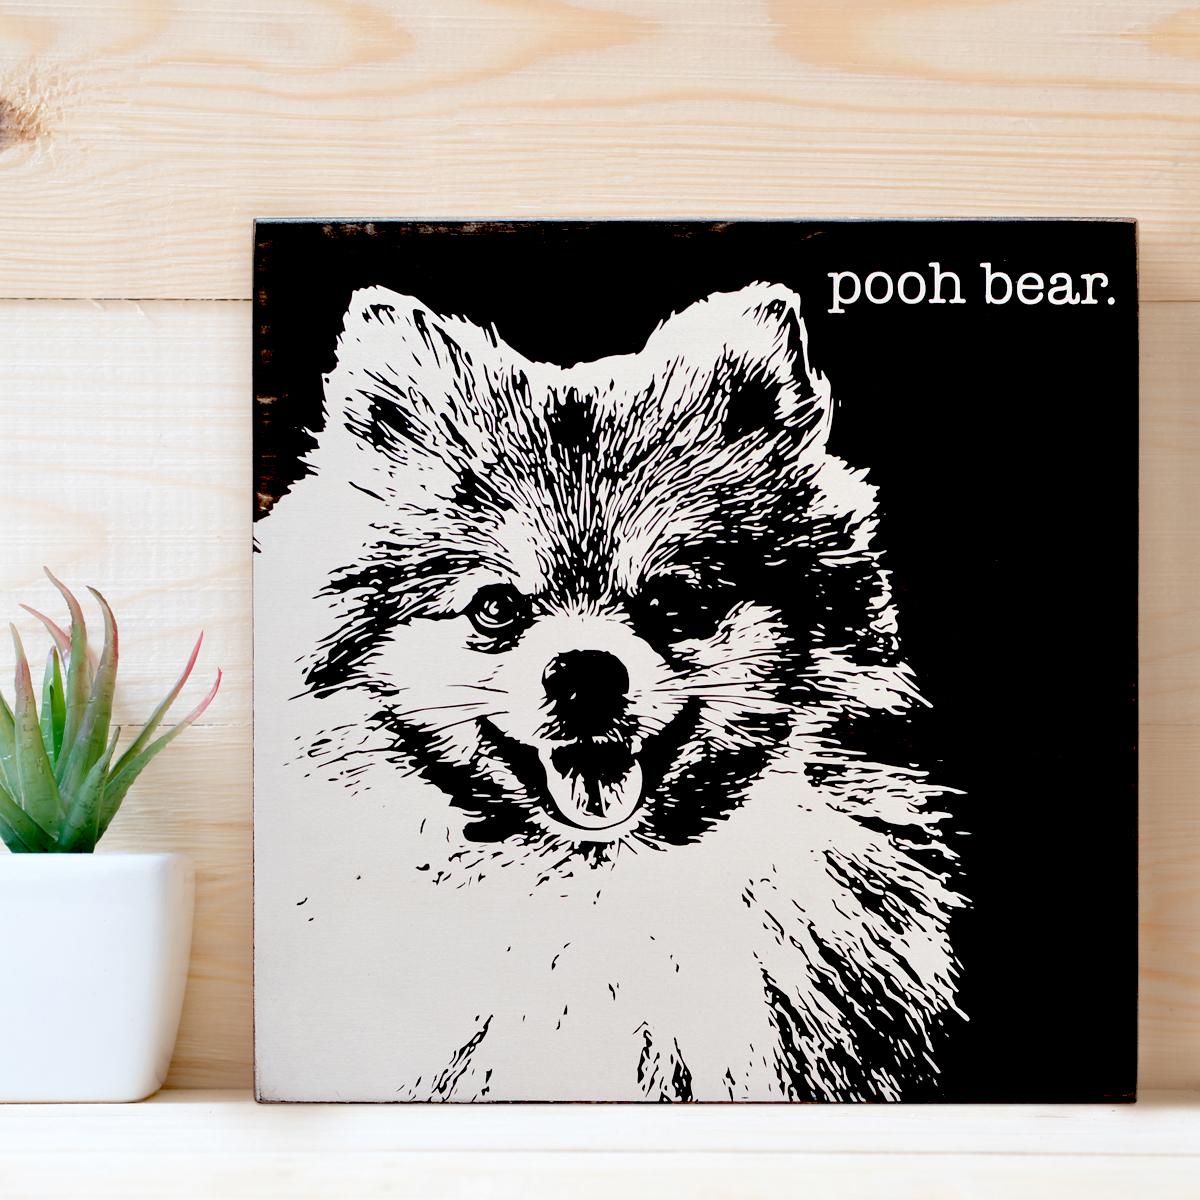 PoohBearPortrait.jpg